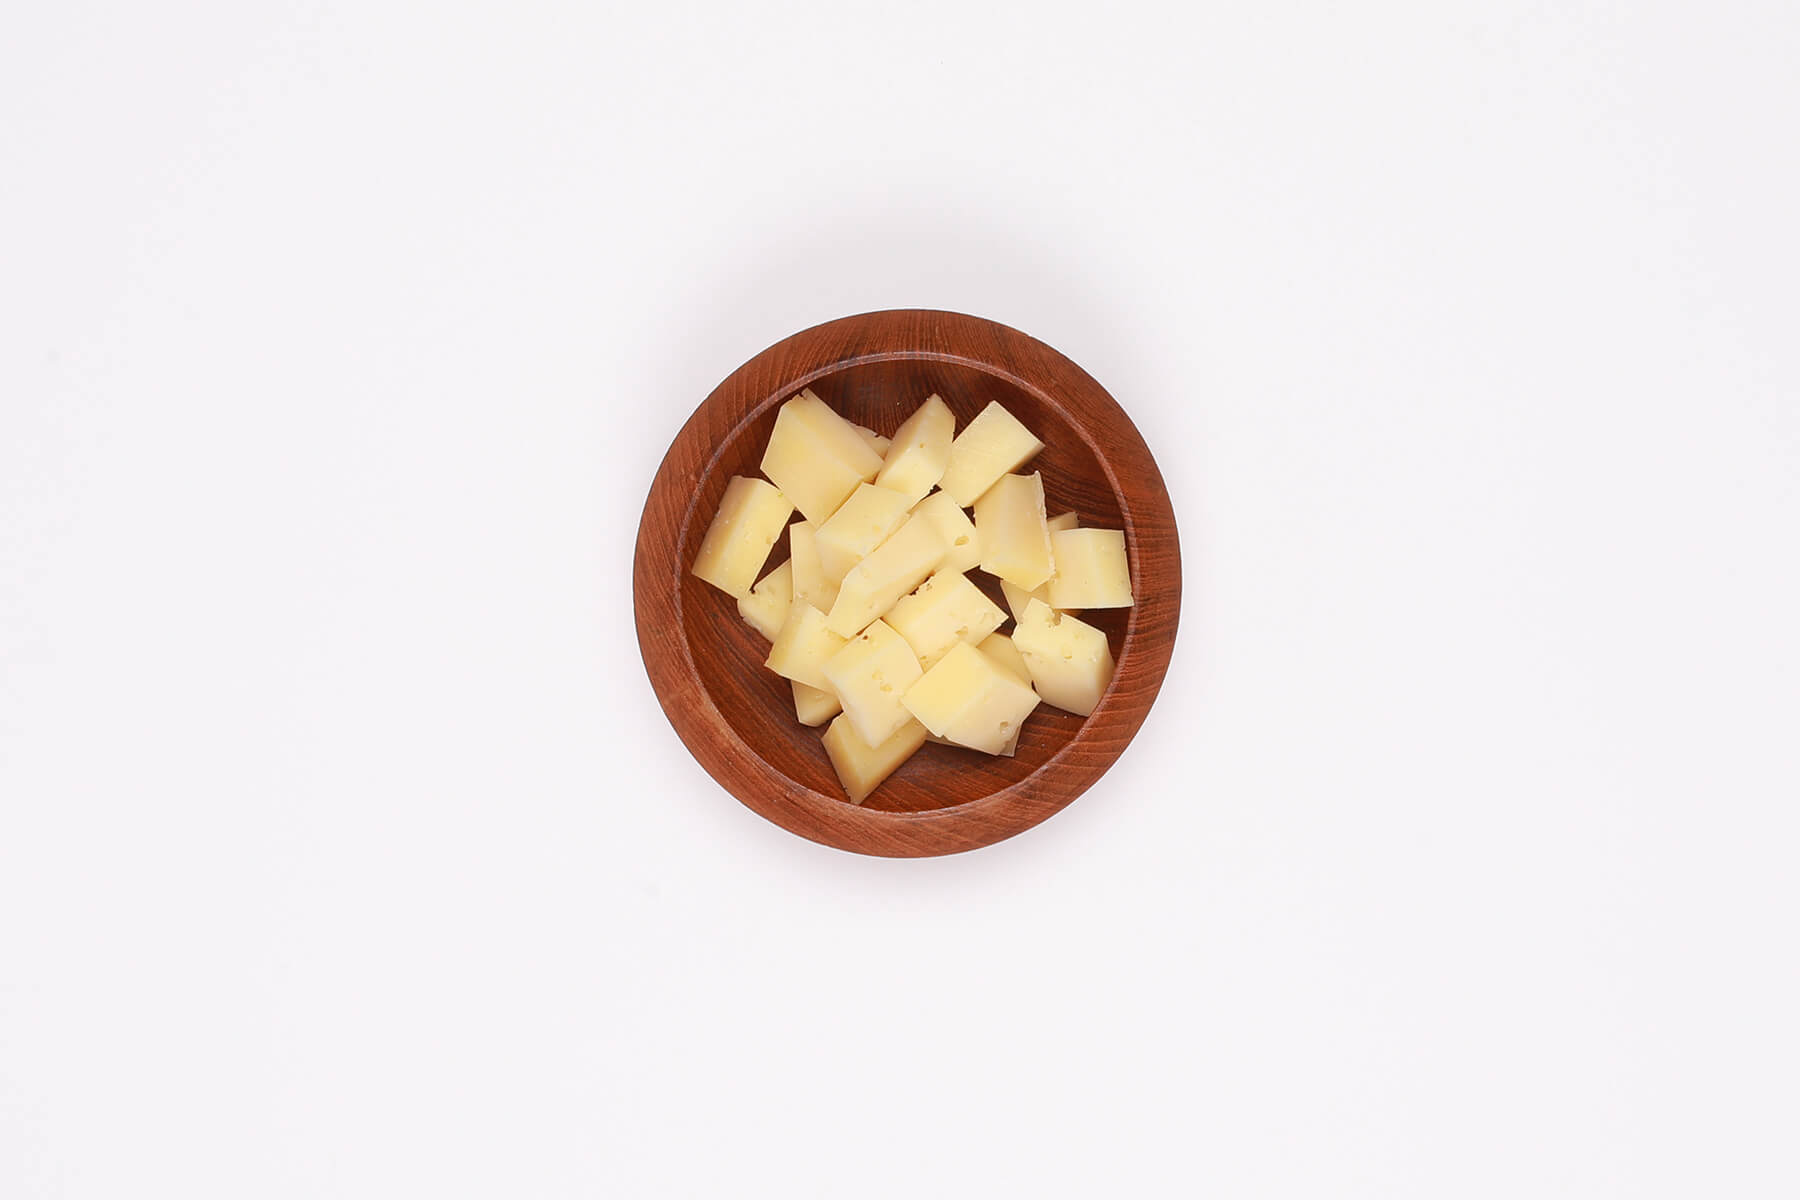 Casera Ricetta pizzoccheri con coste - Ricette Pizzoccheri